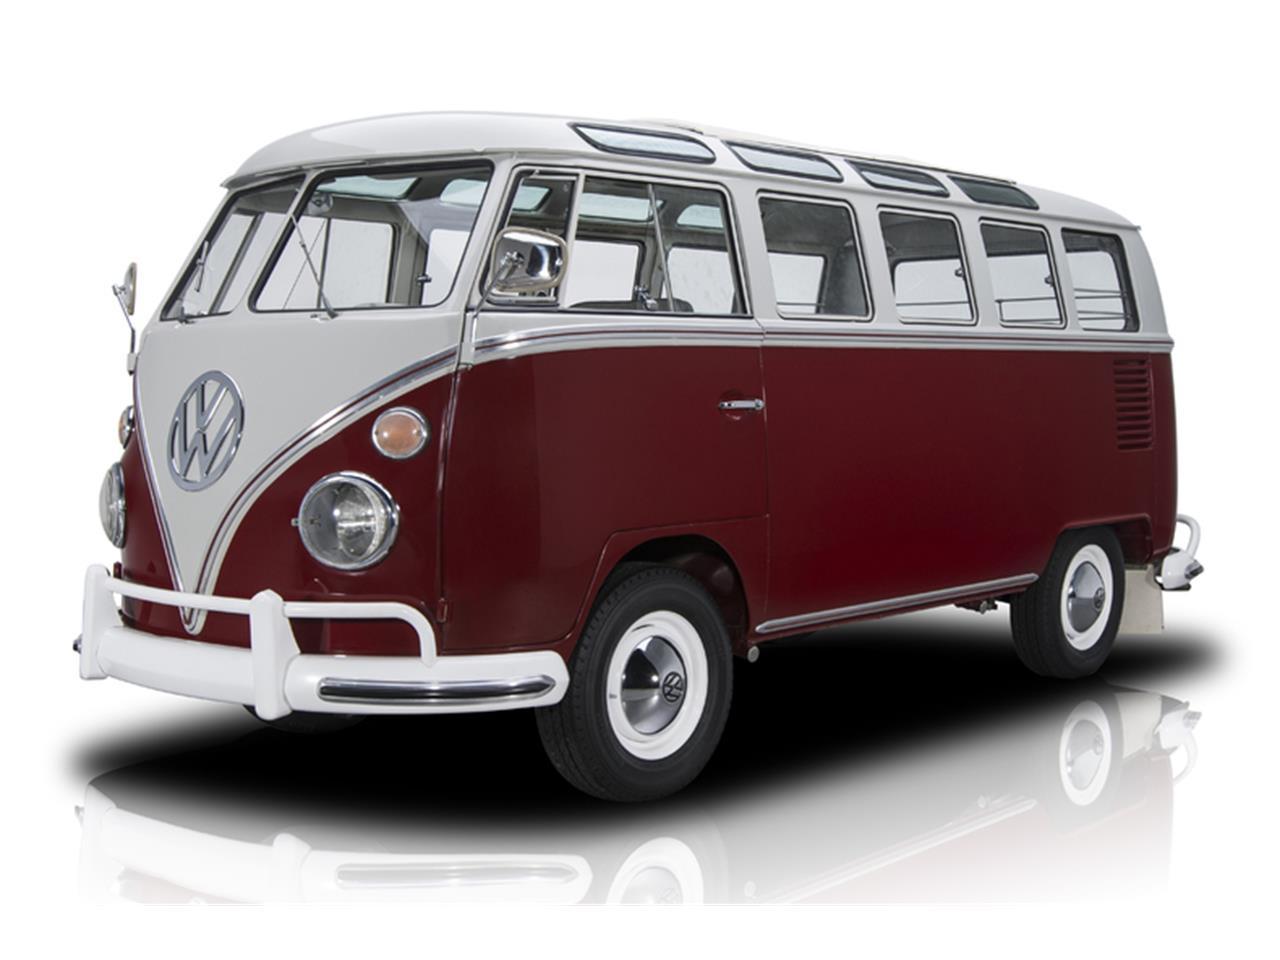 1f9d4200c5 Large Picture of 1966 Volkswagen Kombi 21 Window Bus -  119